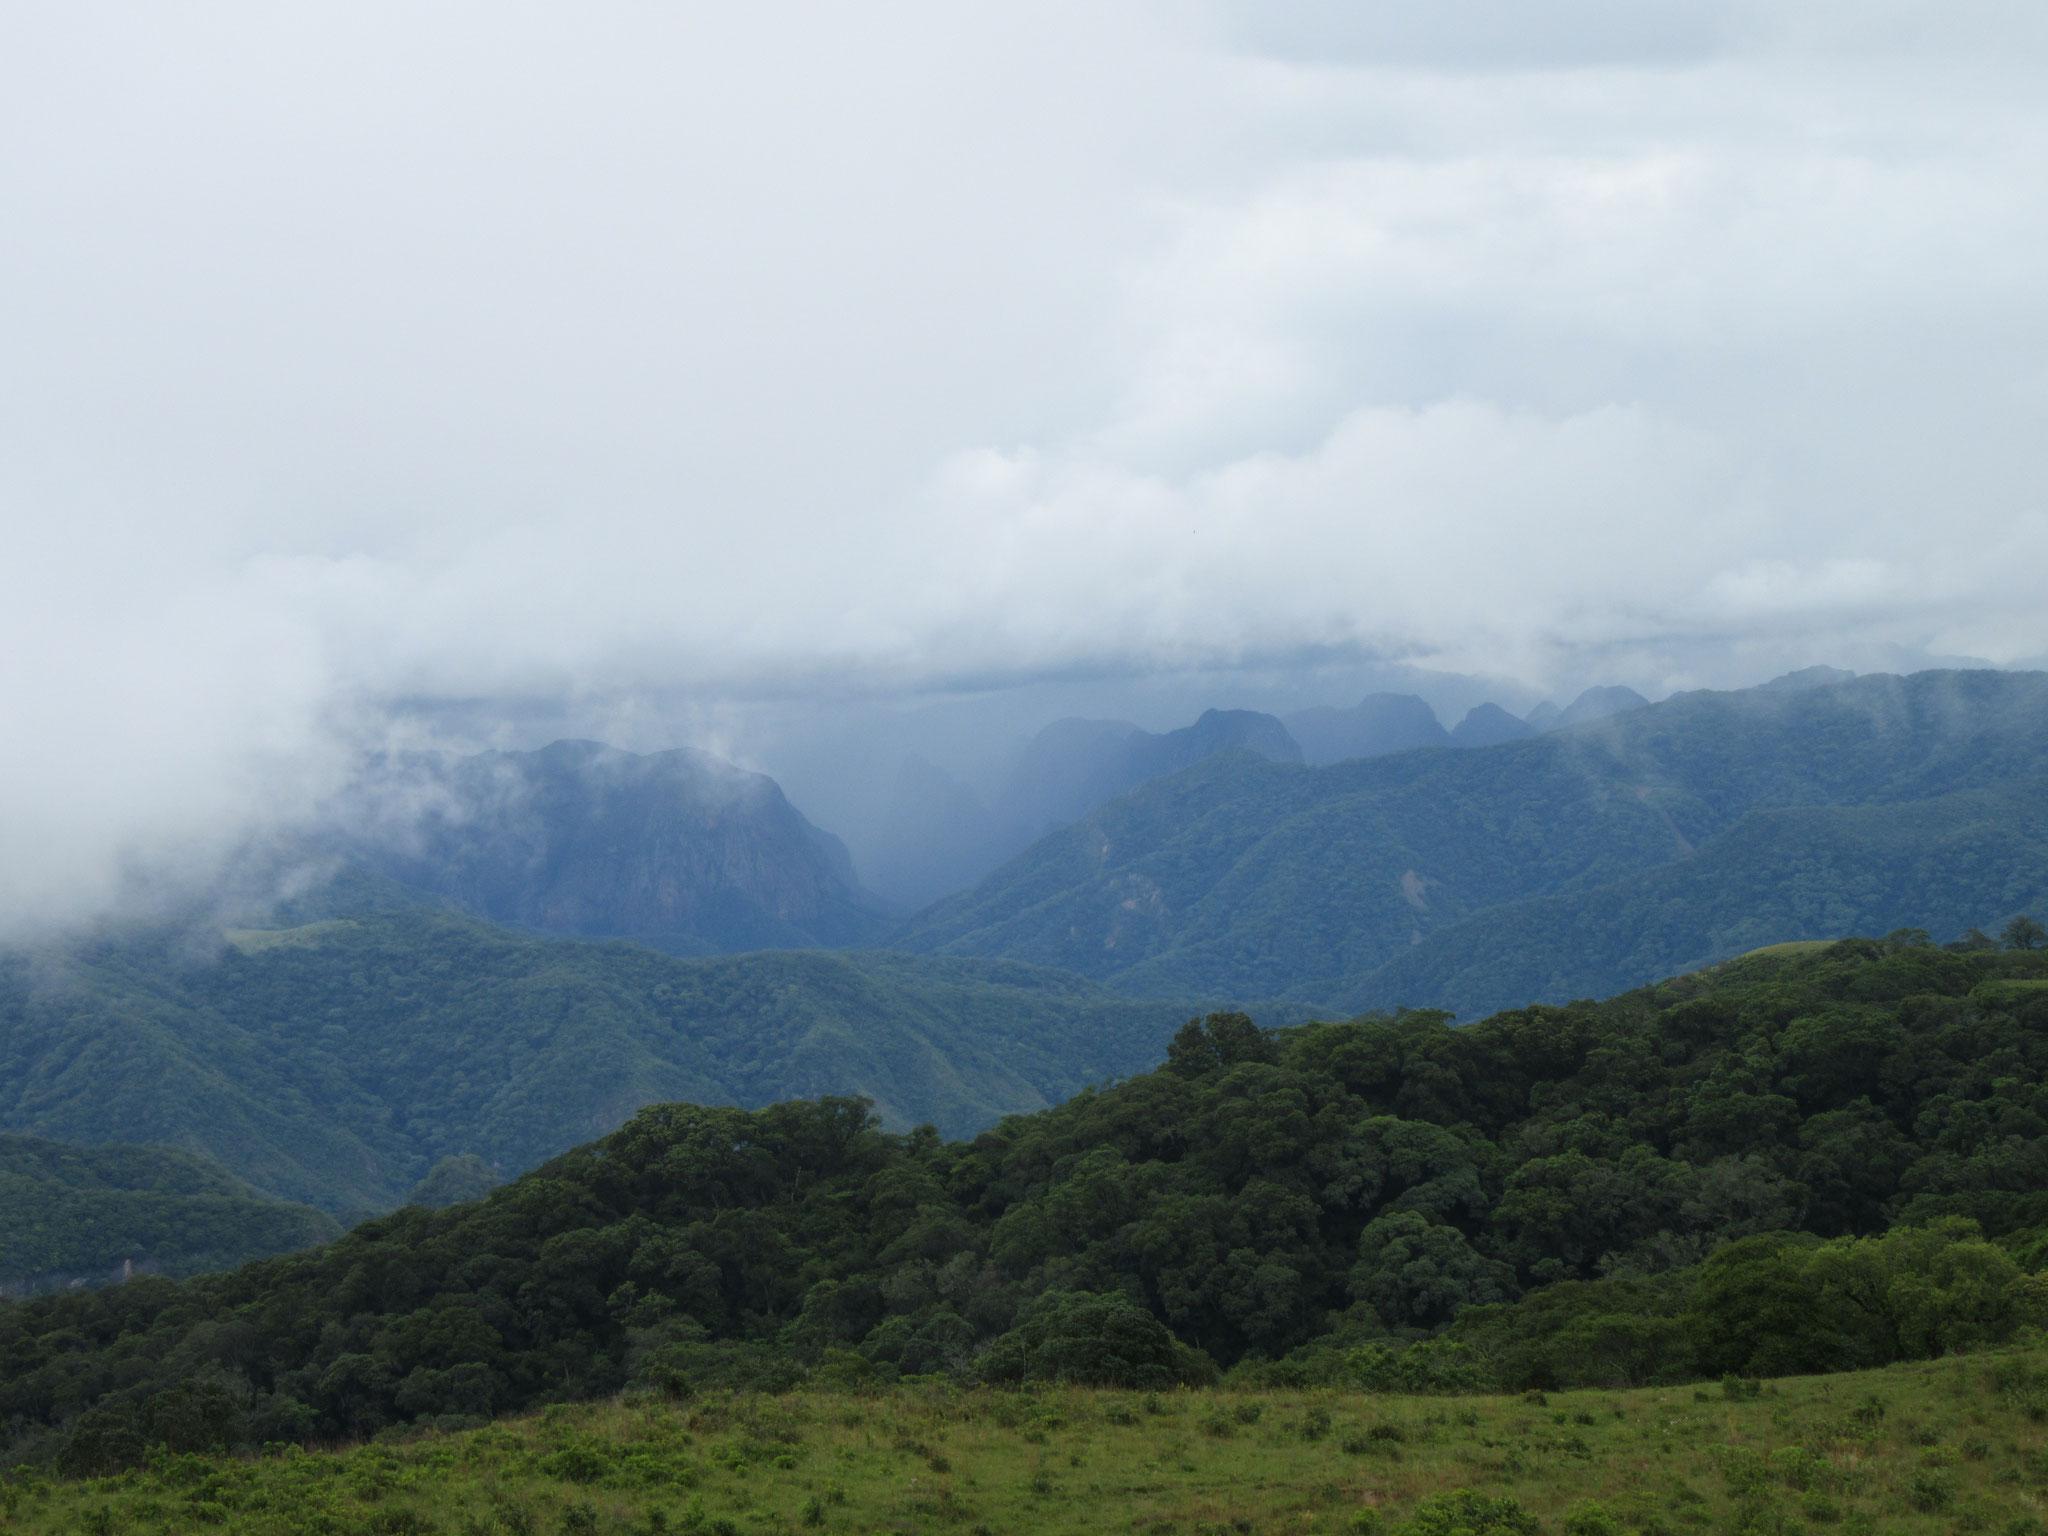 Die Panoramaaussicht über das Gebirge ins Tiefland vom Landteil Santa Cruz ist malerisch